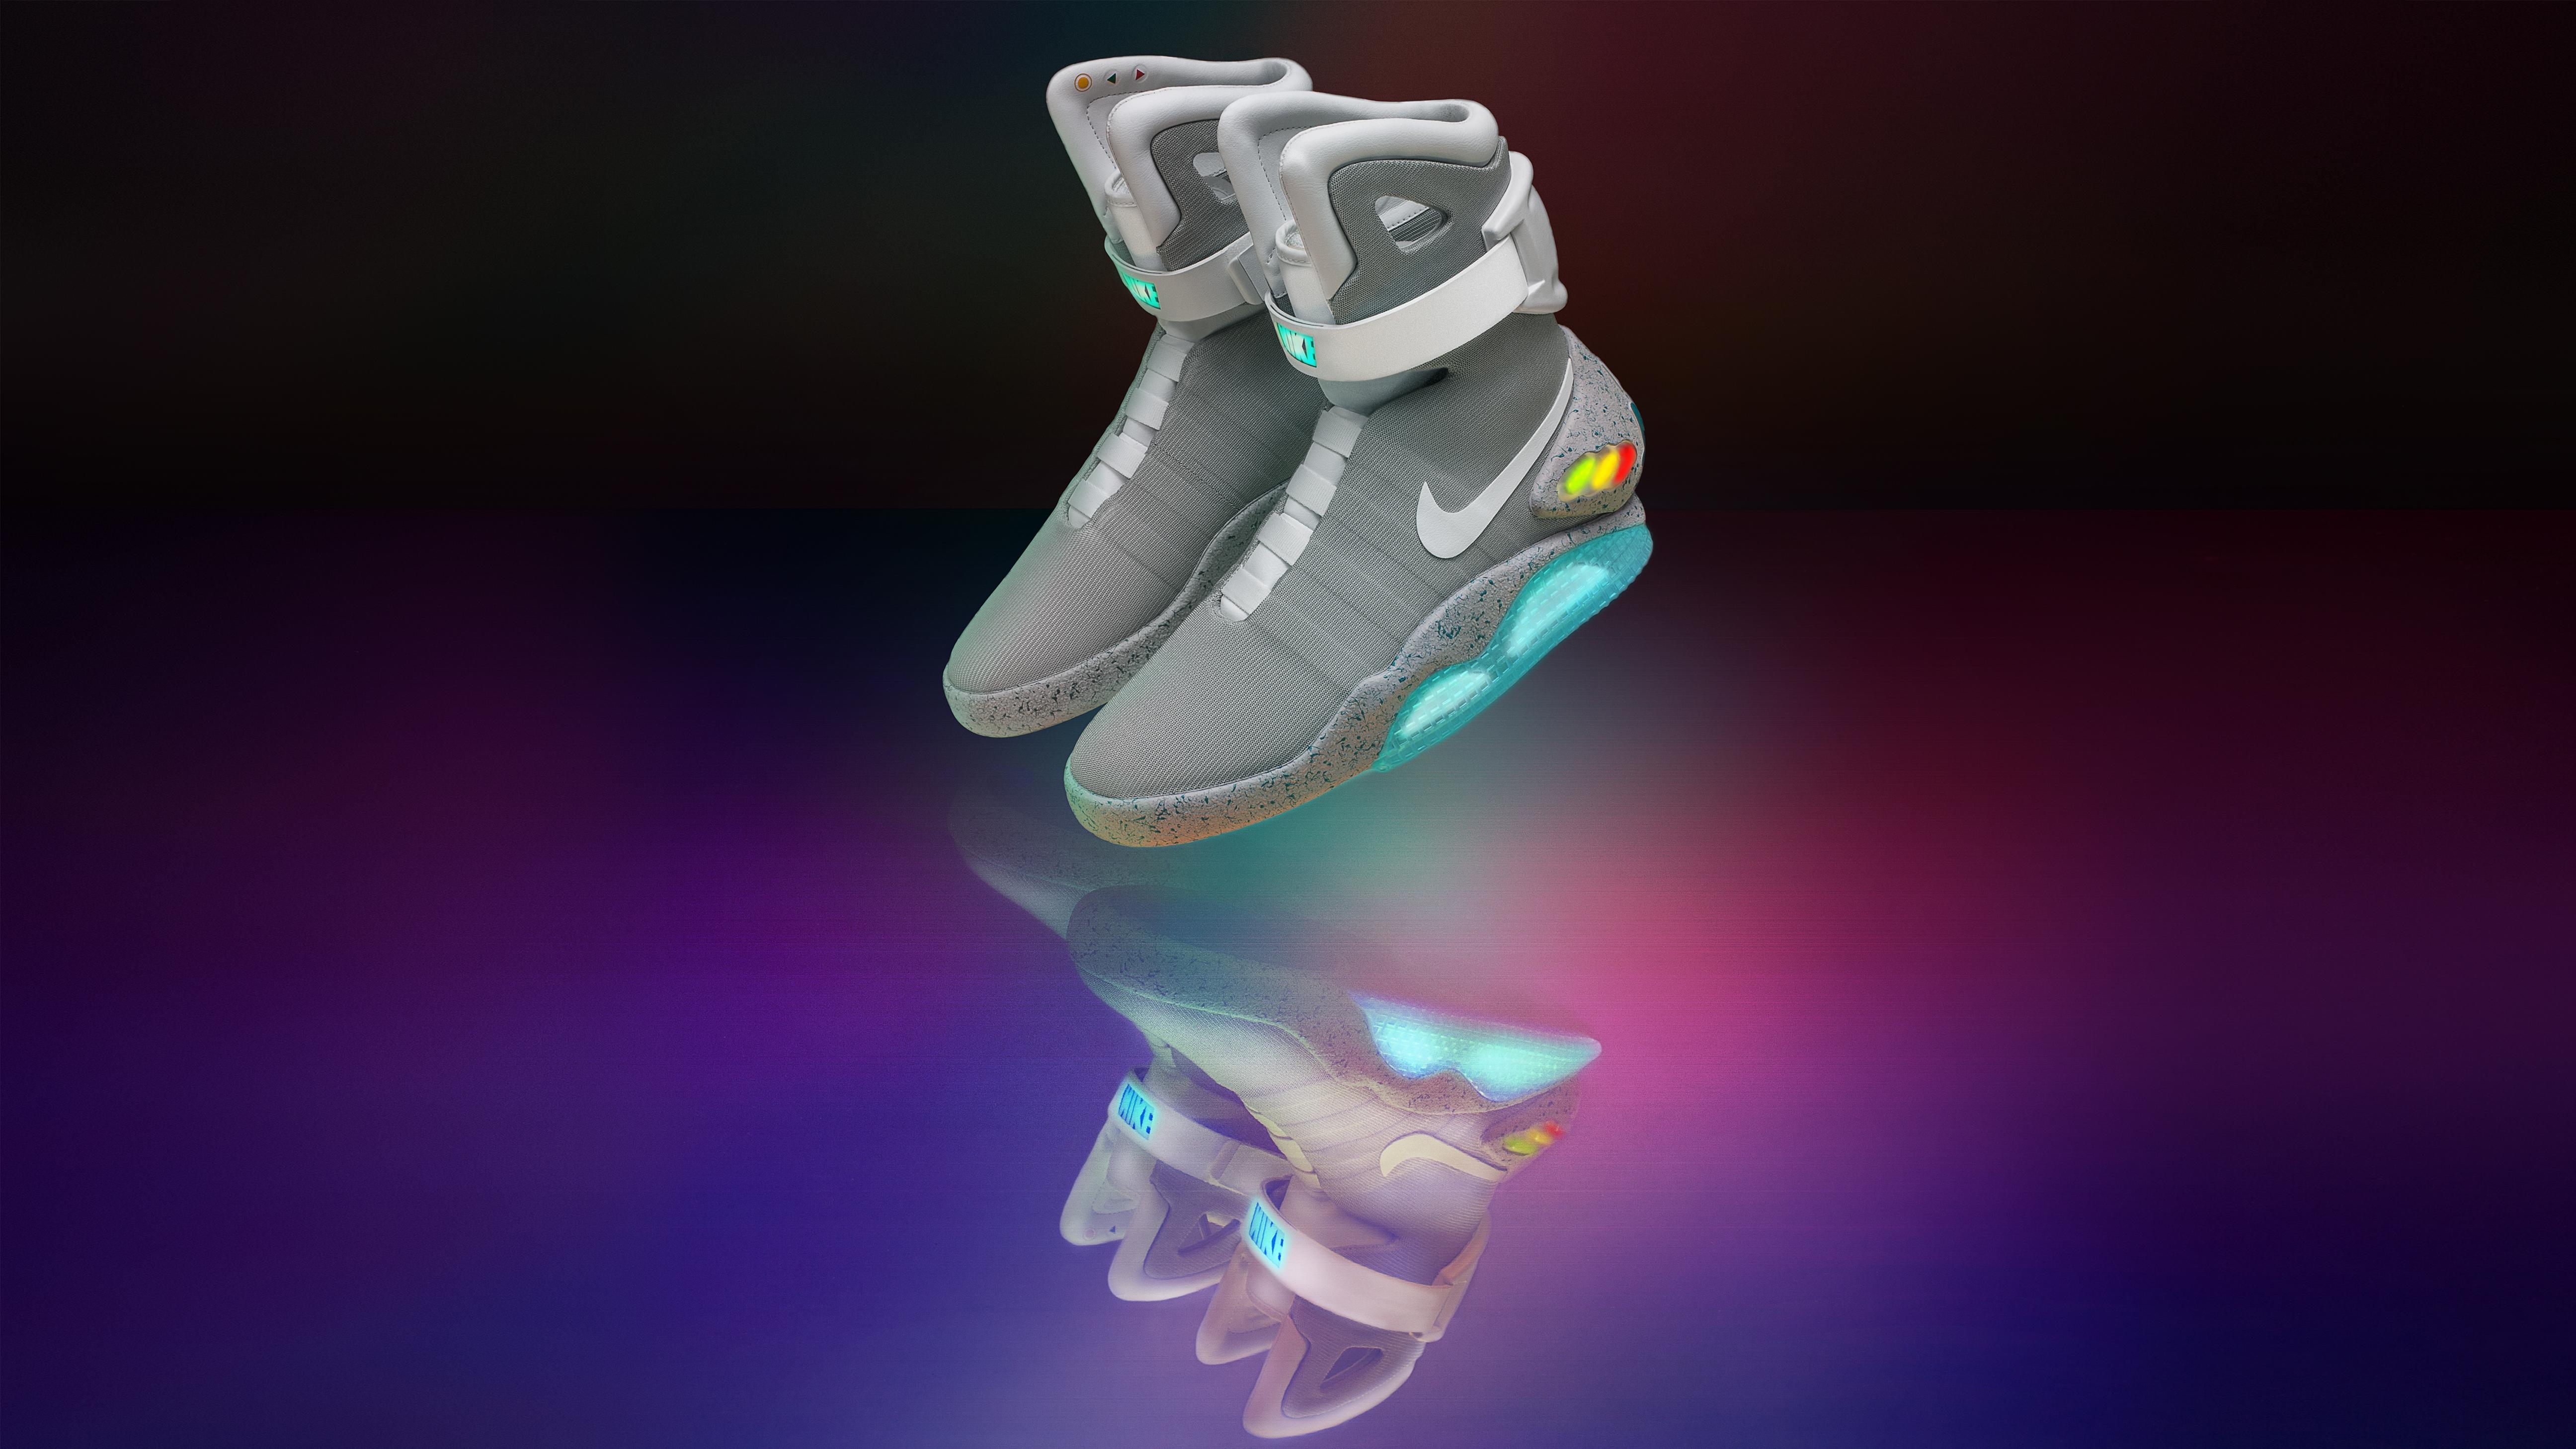 self-lacing Nike Mag sneakers